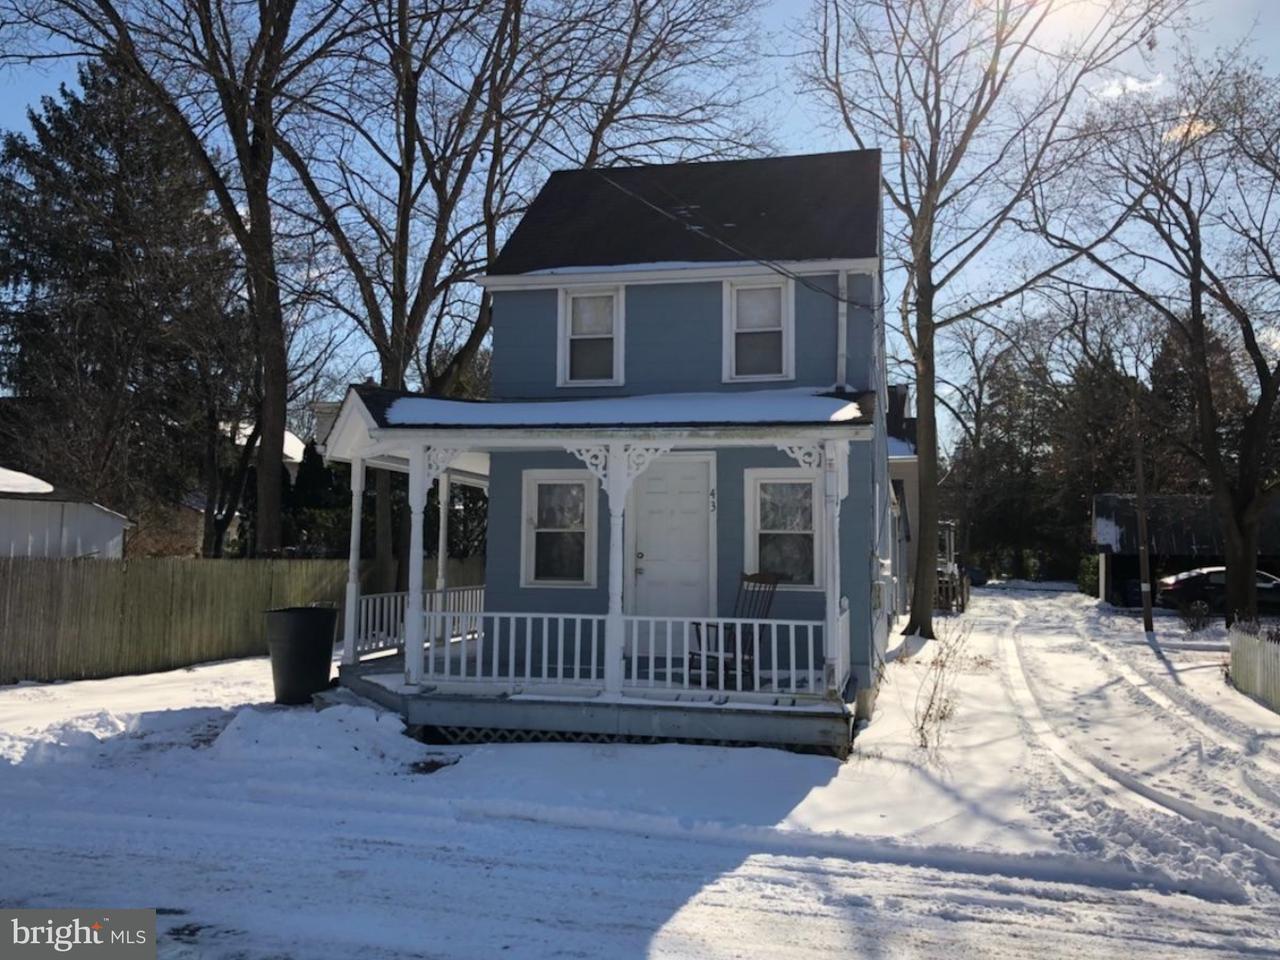 独户住宅 为 出租 在 43 MULBERRY Street Medford, 新泽西州 08055 美国